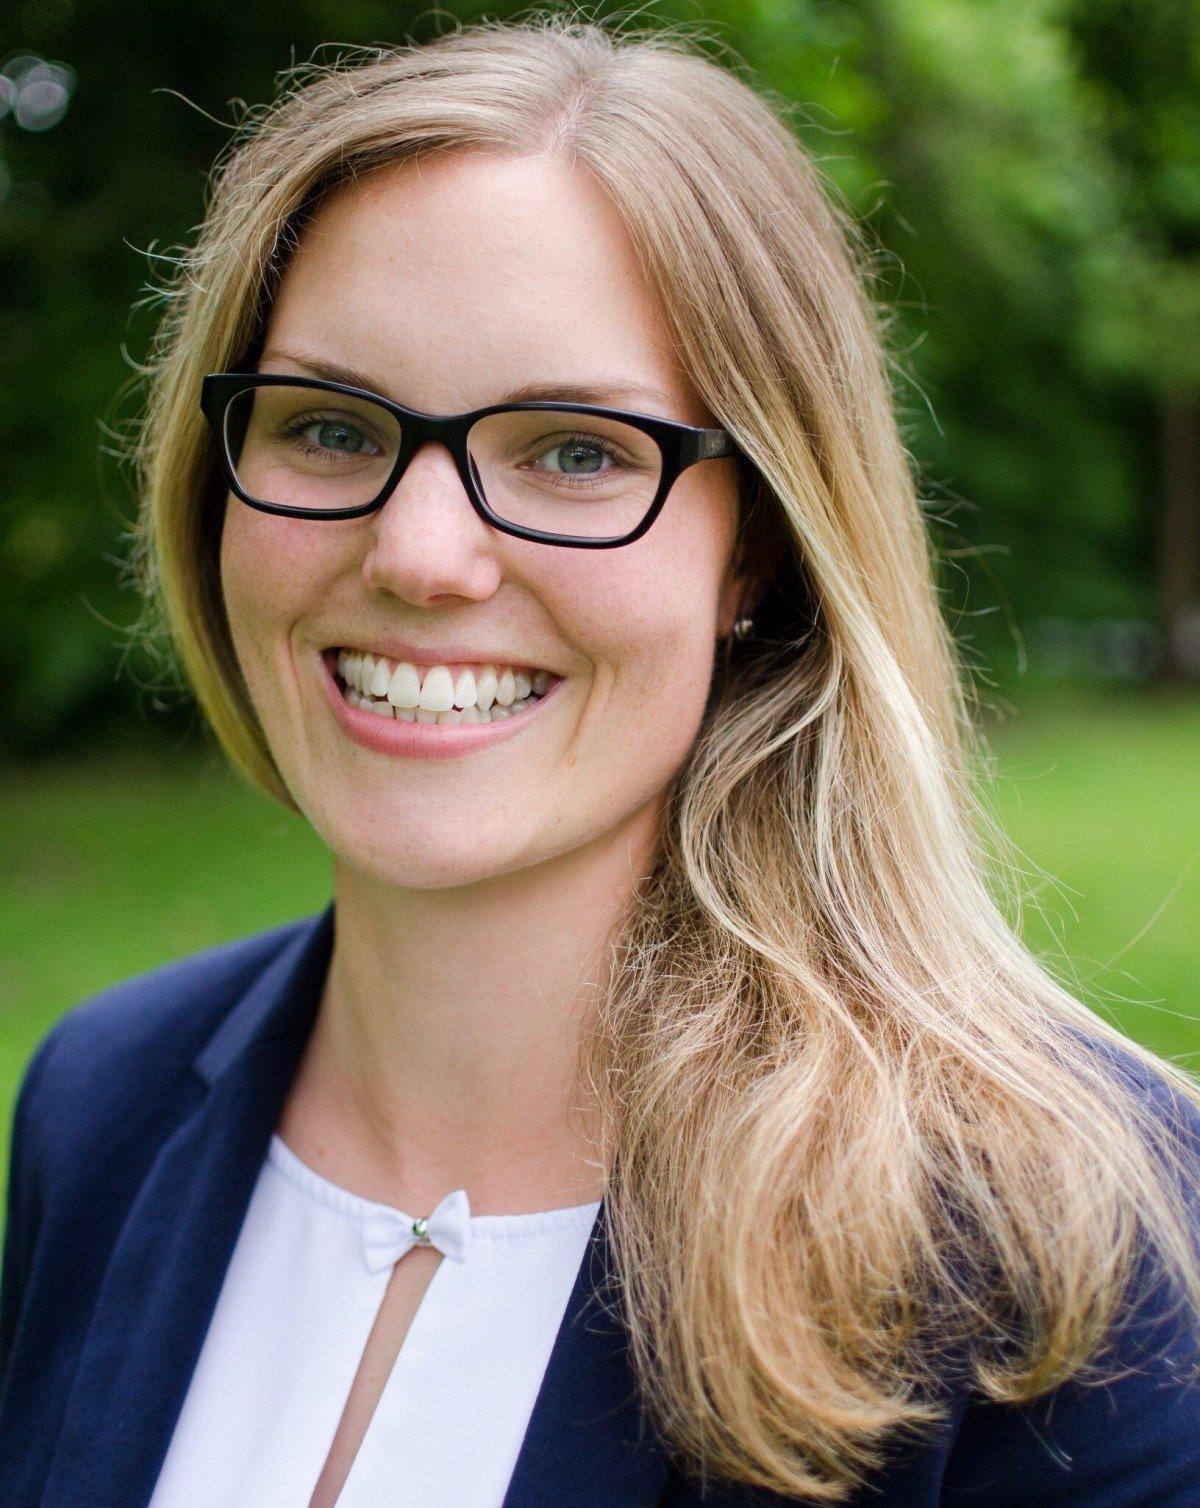 Carina Sooft ist seit August 2020 Nachhaltigkeitsmanagerin beim Webhoster Mittwald.